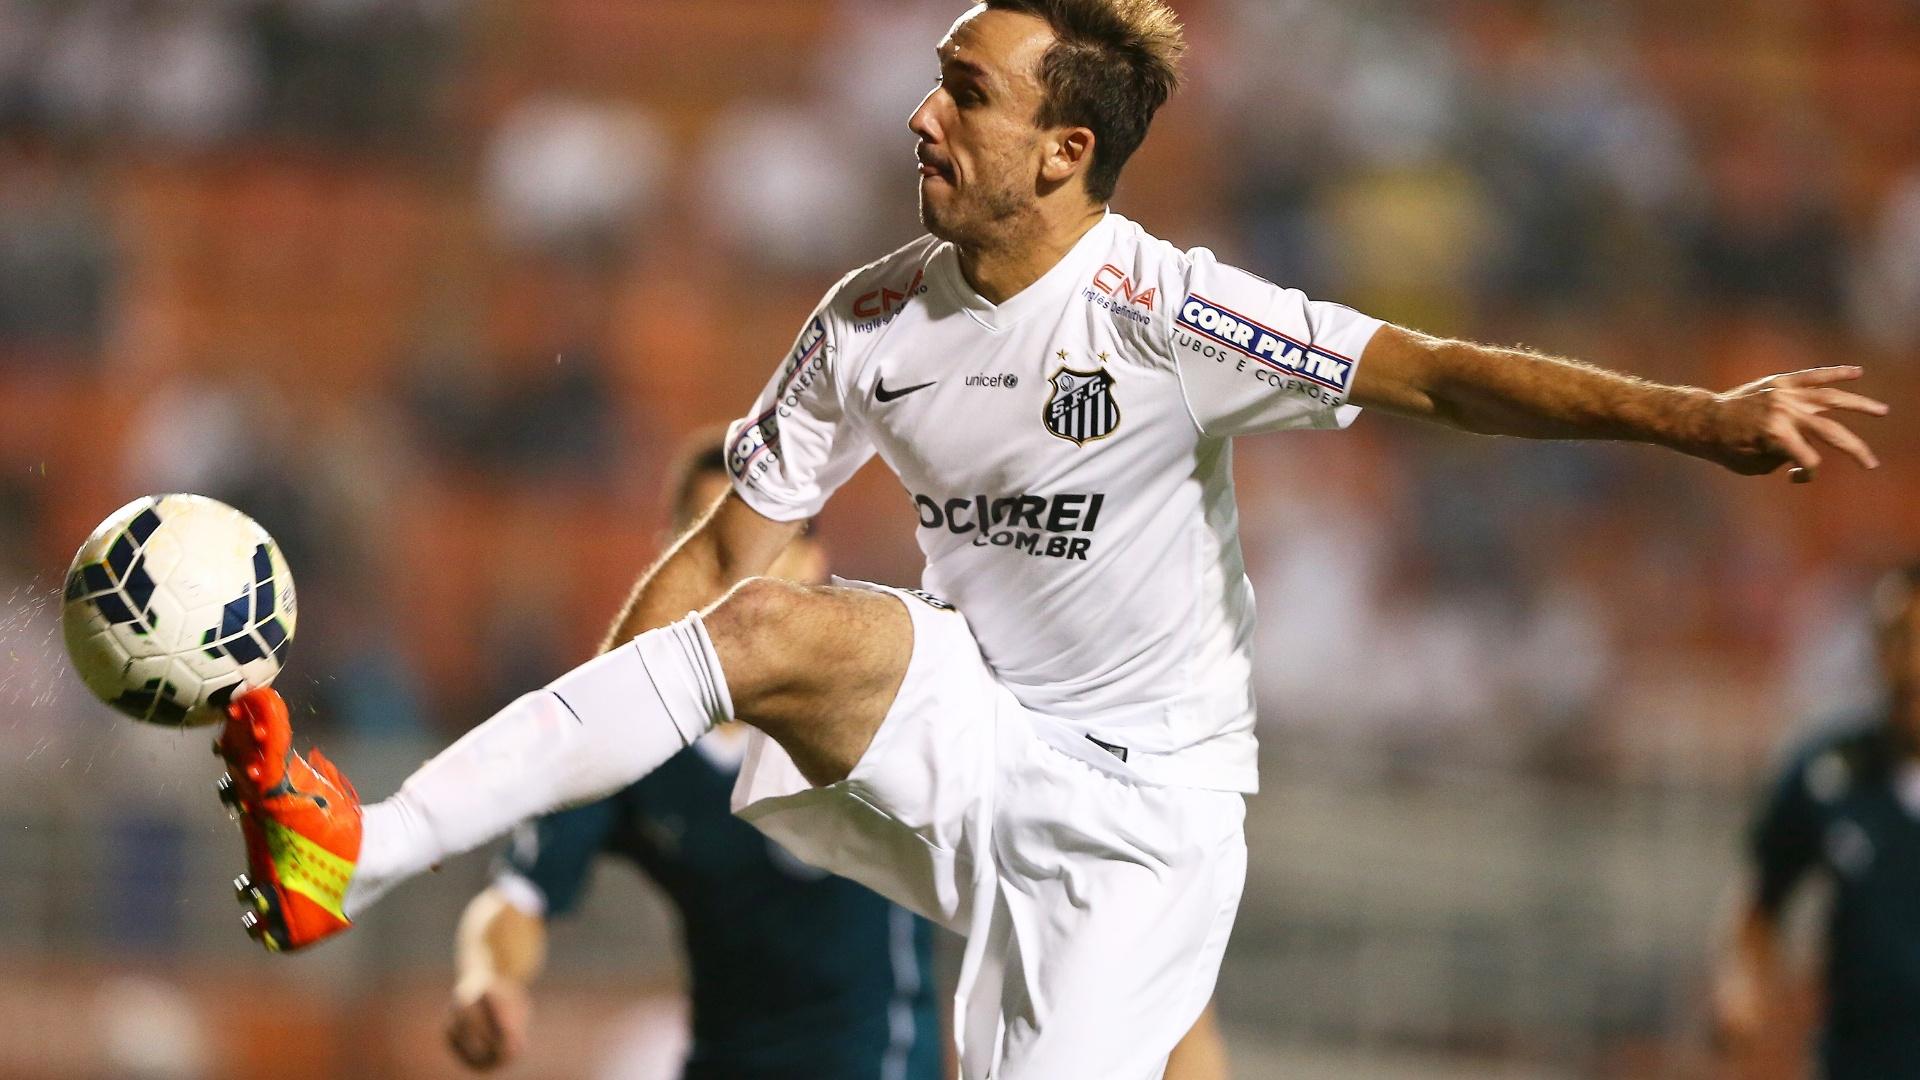 Thiago Ribeiro divide lance com defesa do Goiás em jogo válido pelo Brasileiro